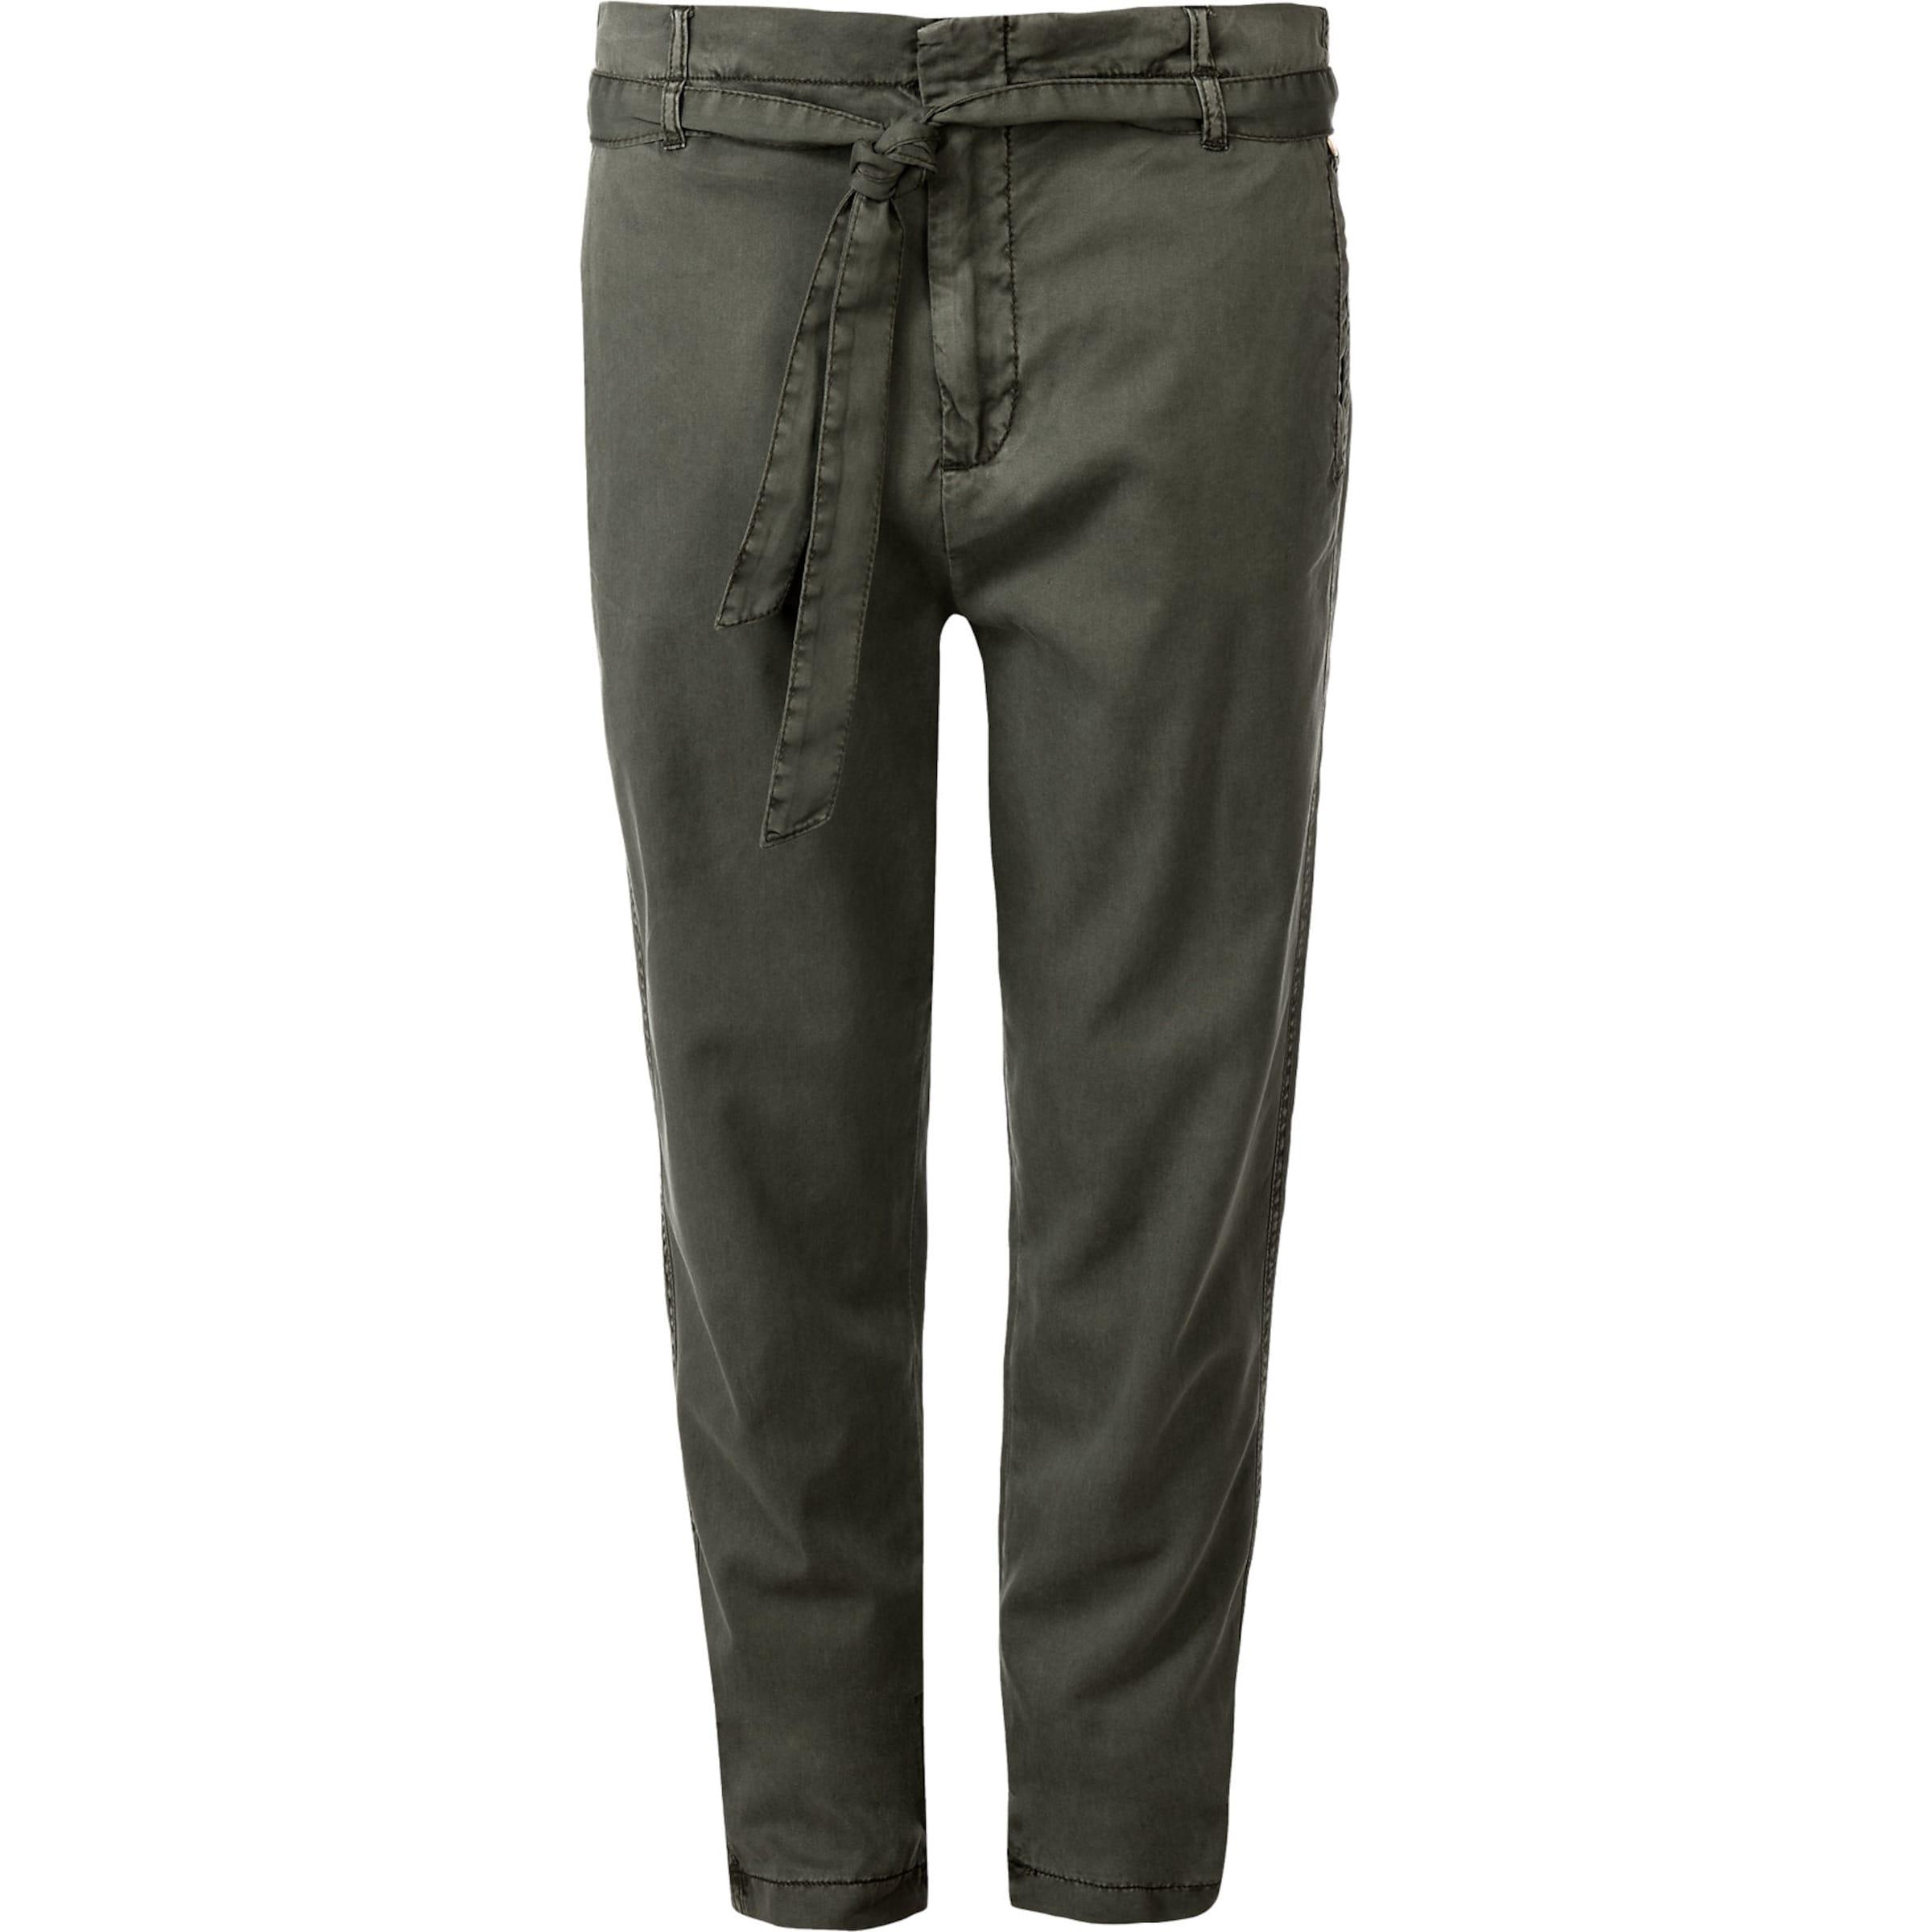 Schnelle Lieferung Online Pepe Jeans Hose Ausverkaufspreise Gute Qualität Spielraum Shop Günstig Online iTkpcAJMtD